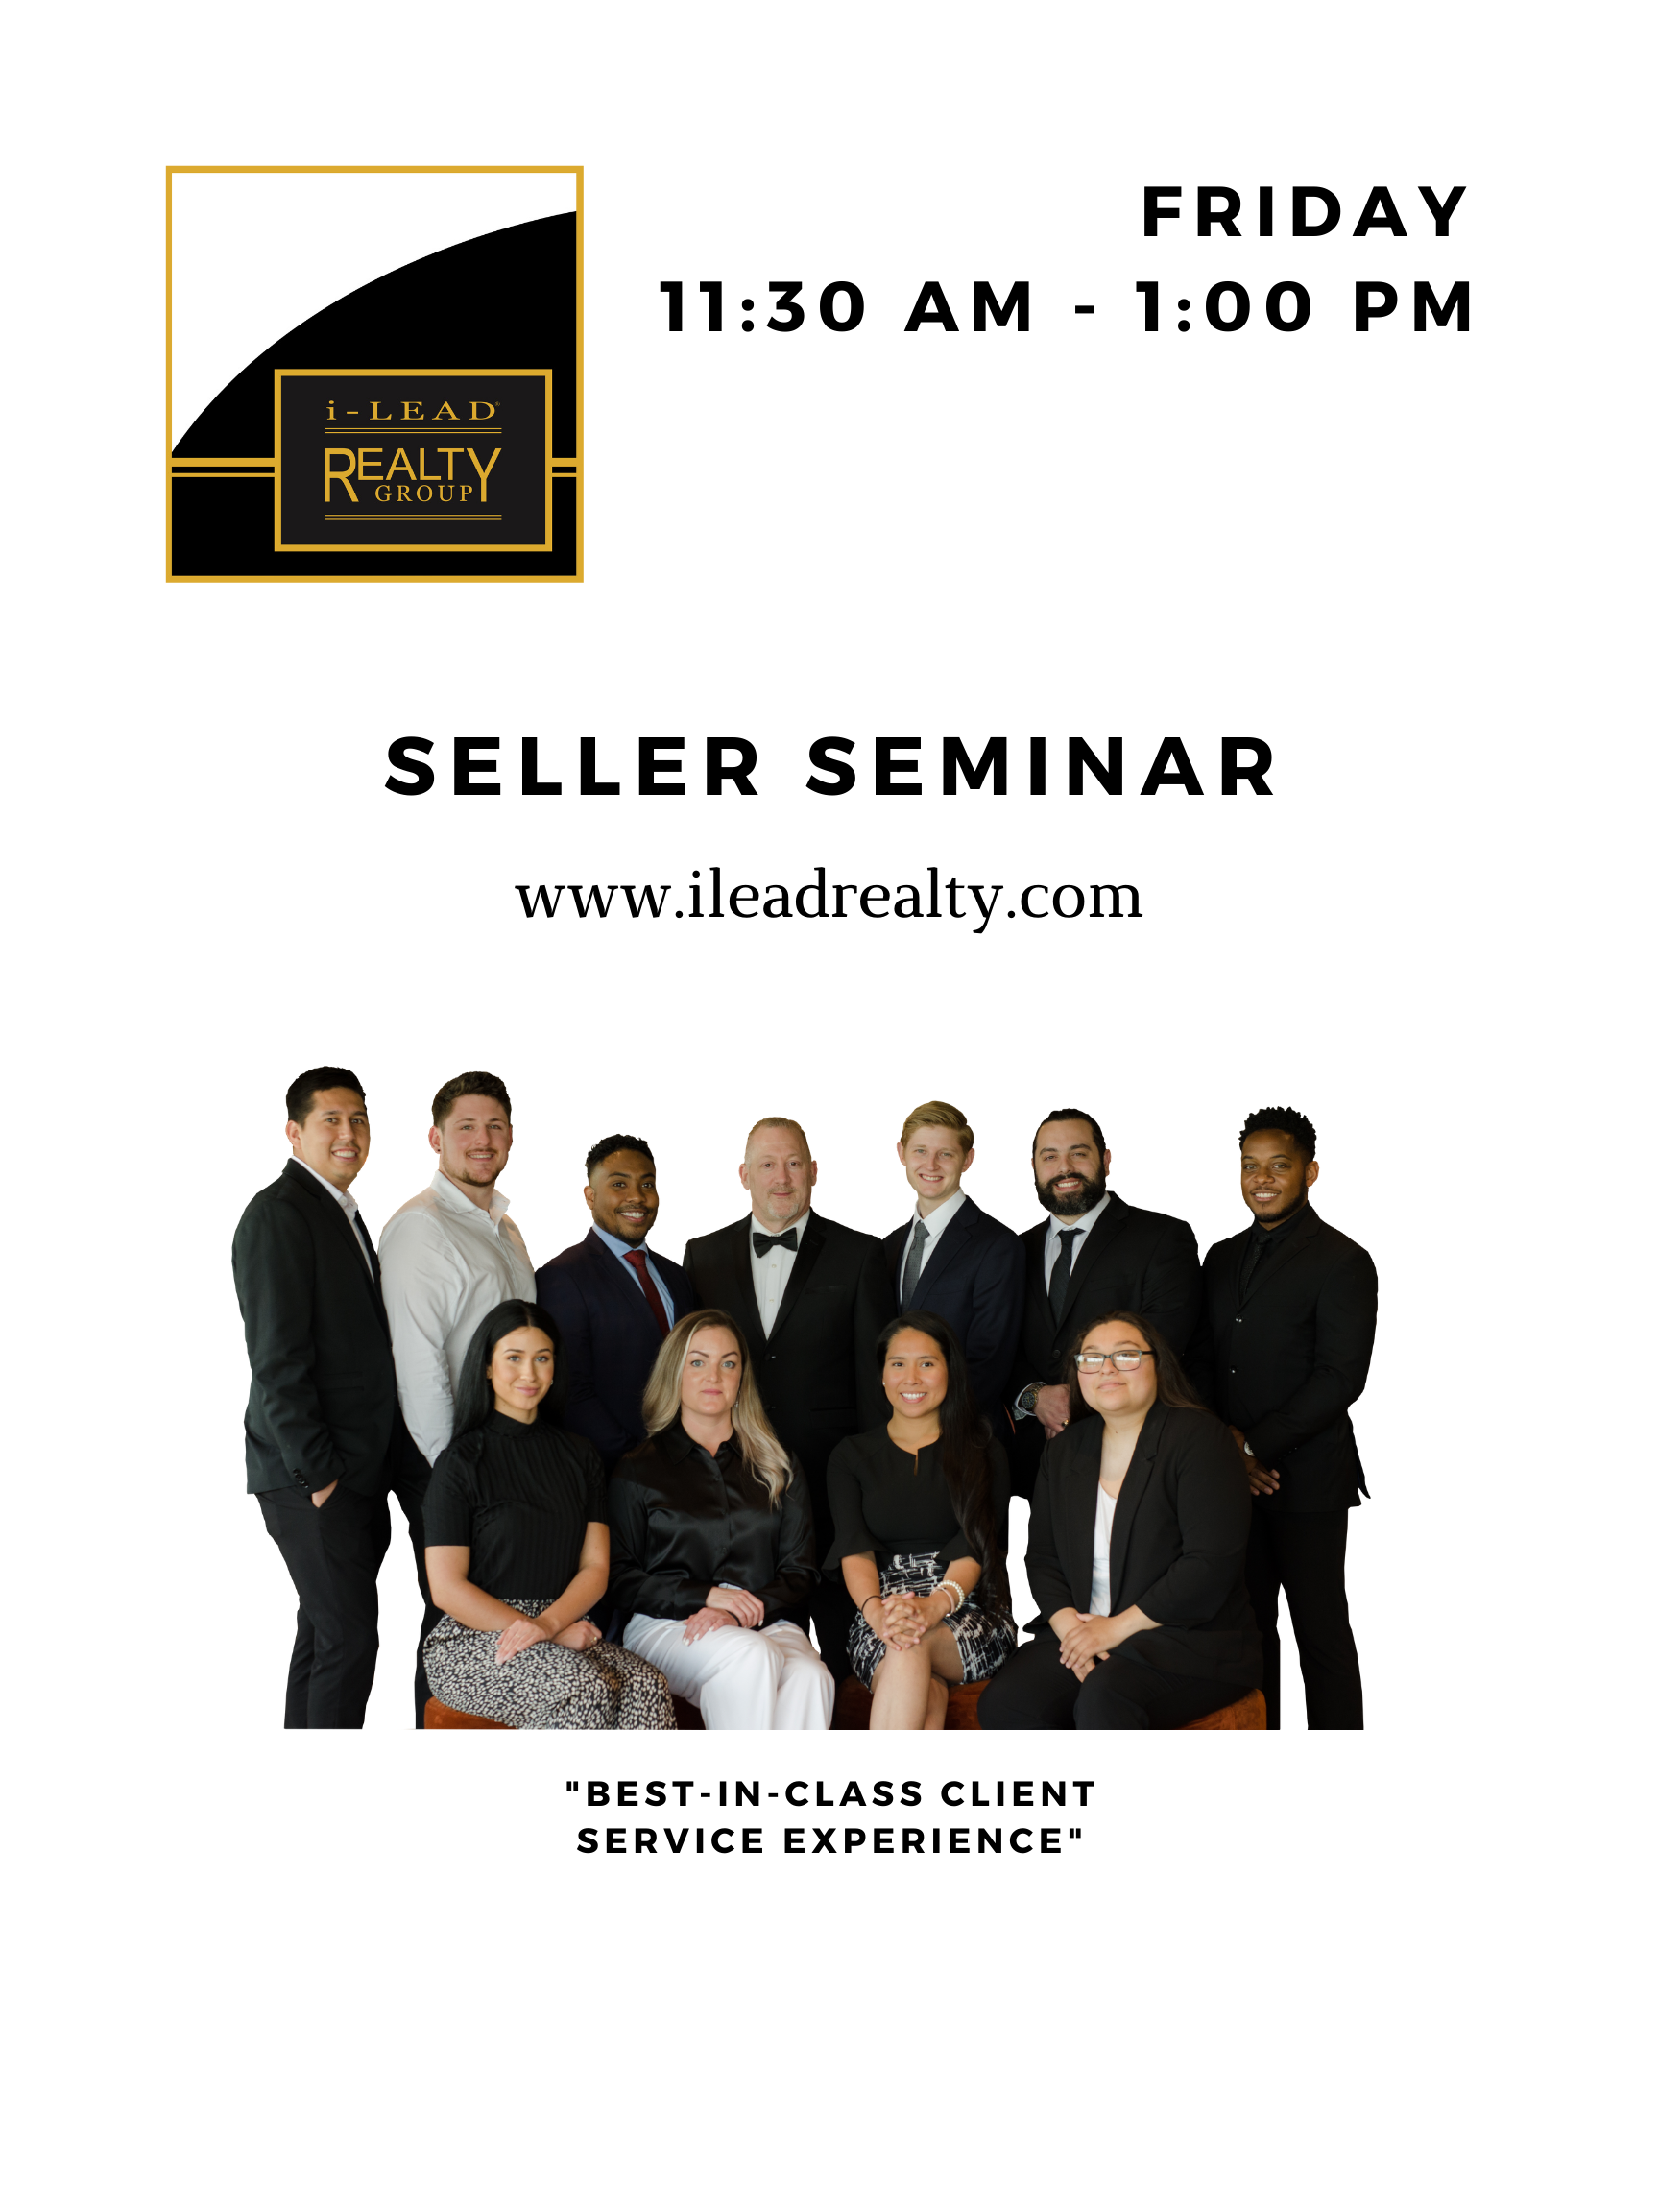 team seller seminar.png